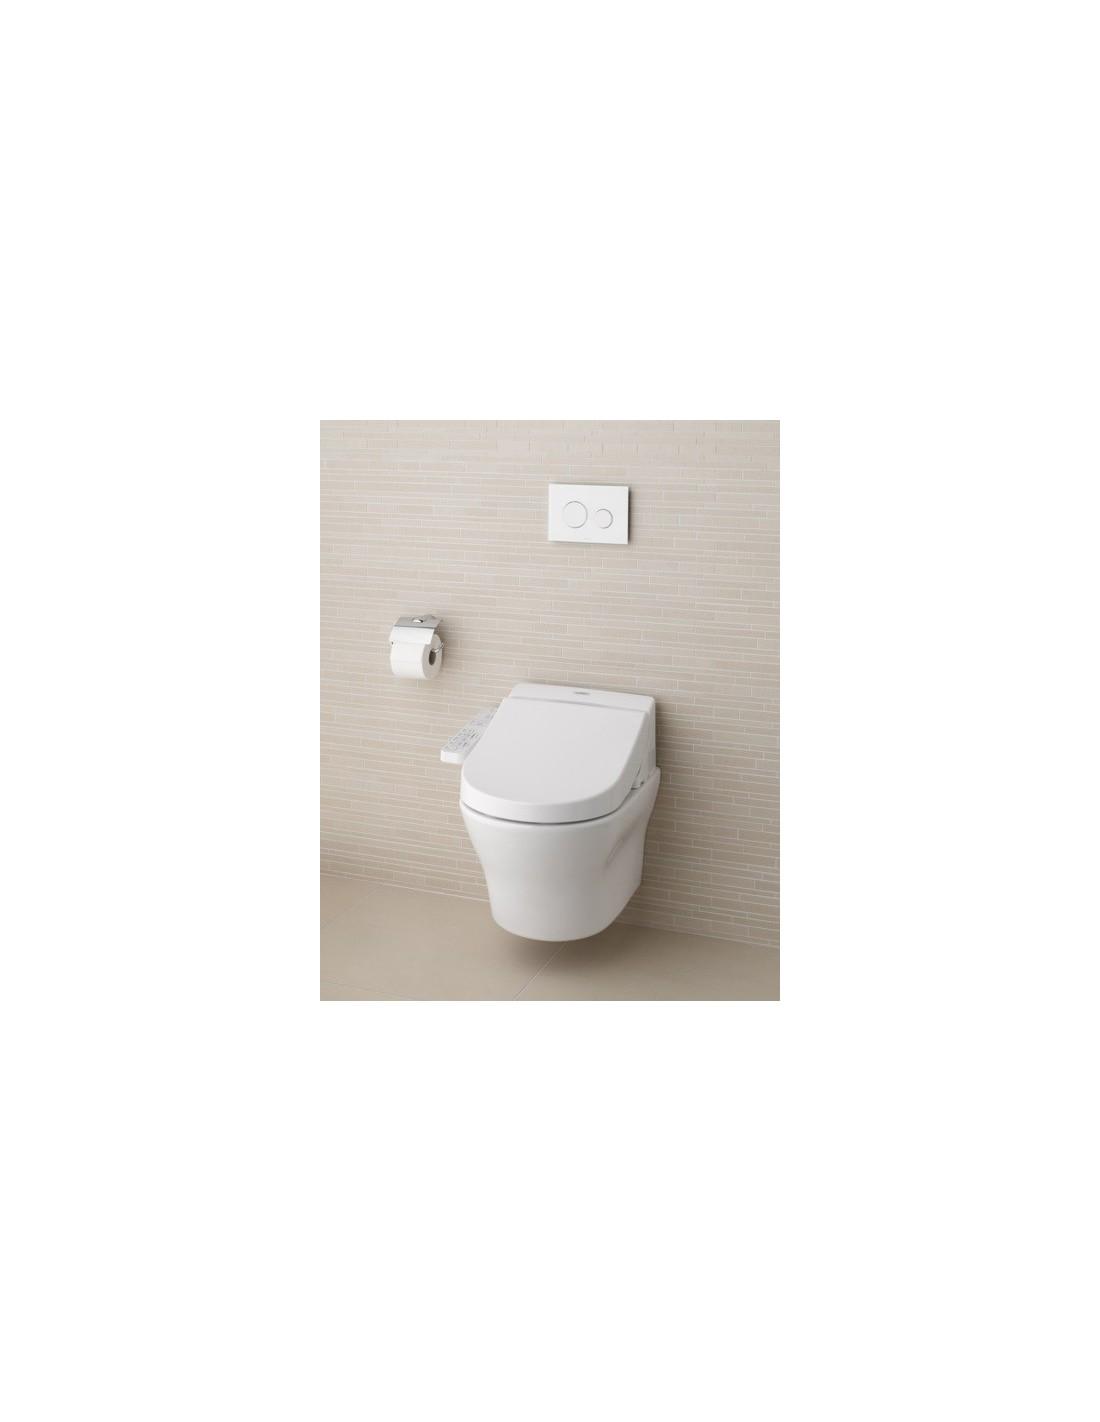 abattant washlet ek 2 0 toto le tr ne. Black Bedroom Furniture Sets. Home Design Ideas